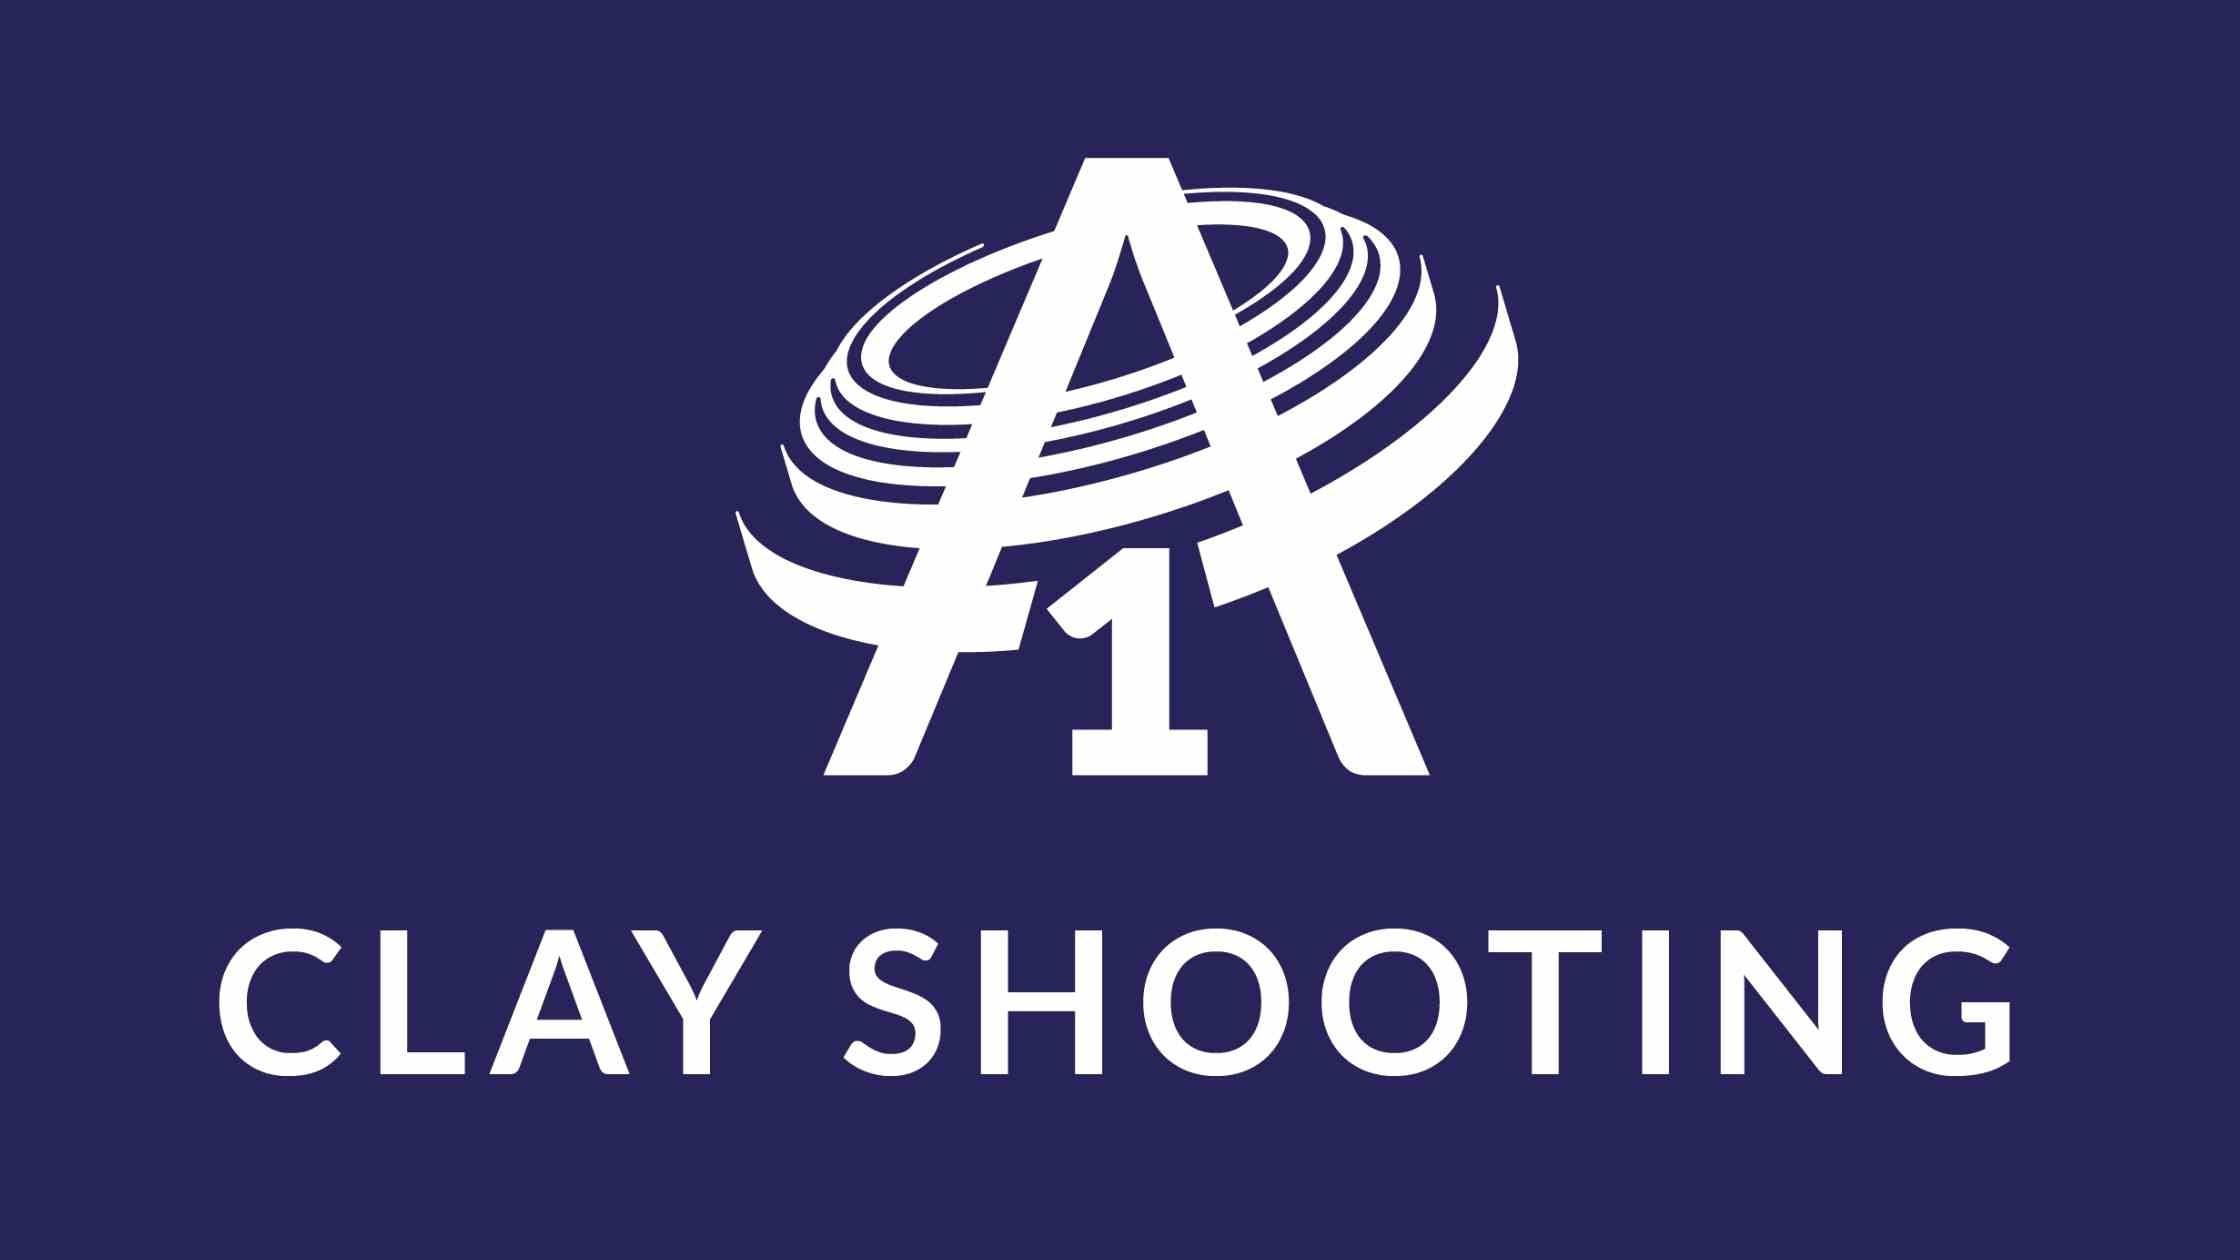 A1 Clay Shooting Logo